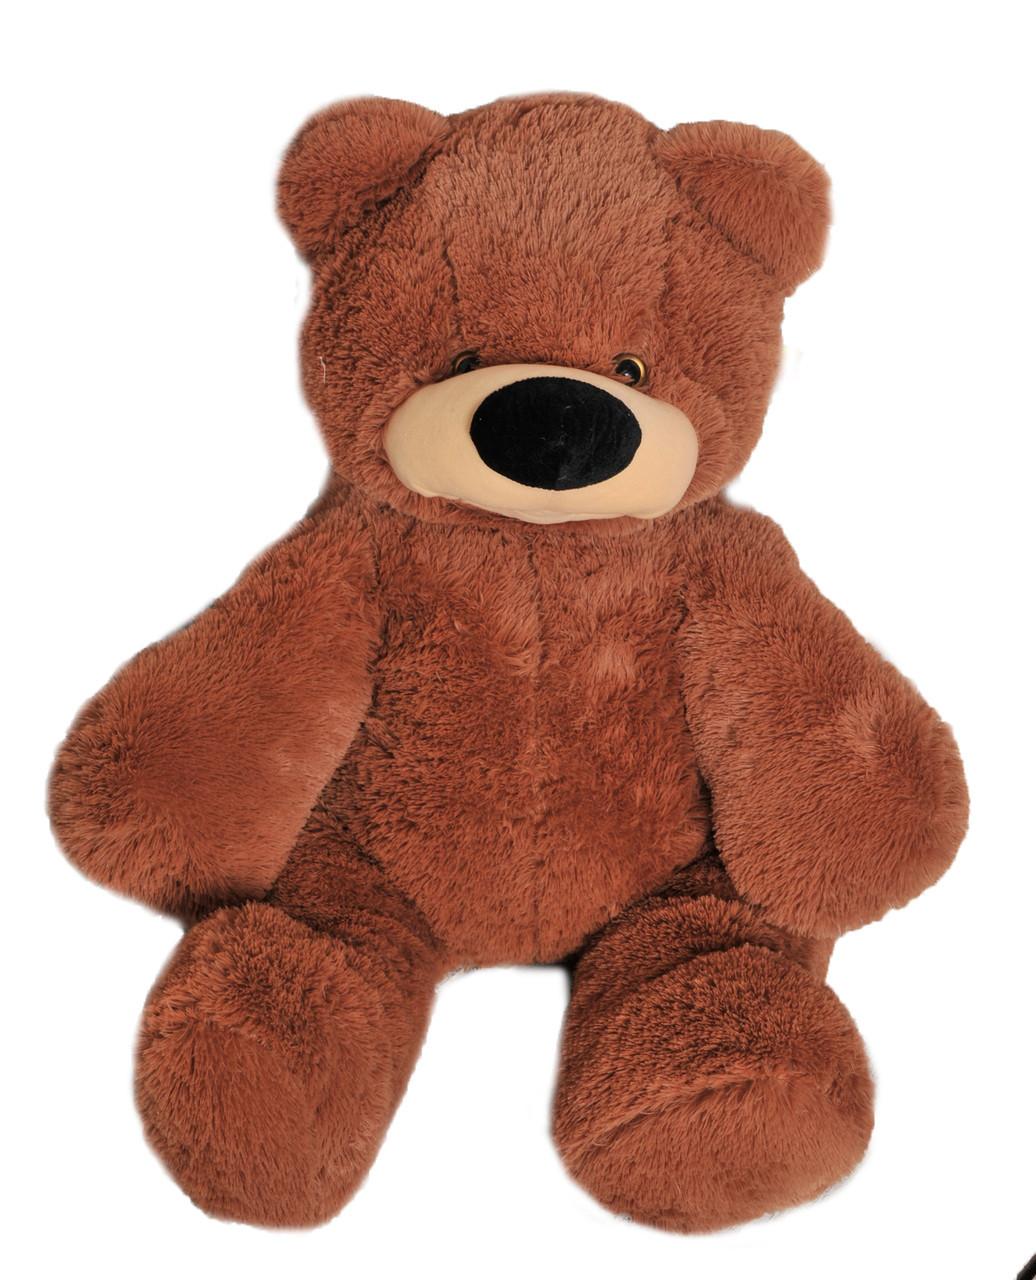 Мягкая игрушка медведь  Бублик 77 см коричневый